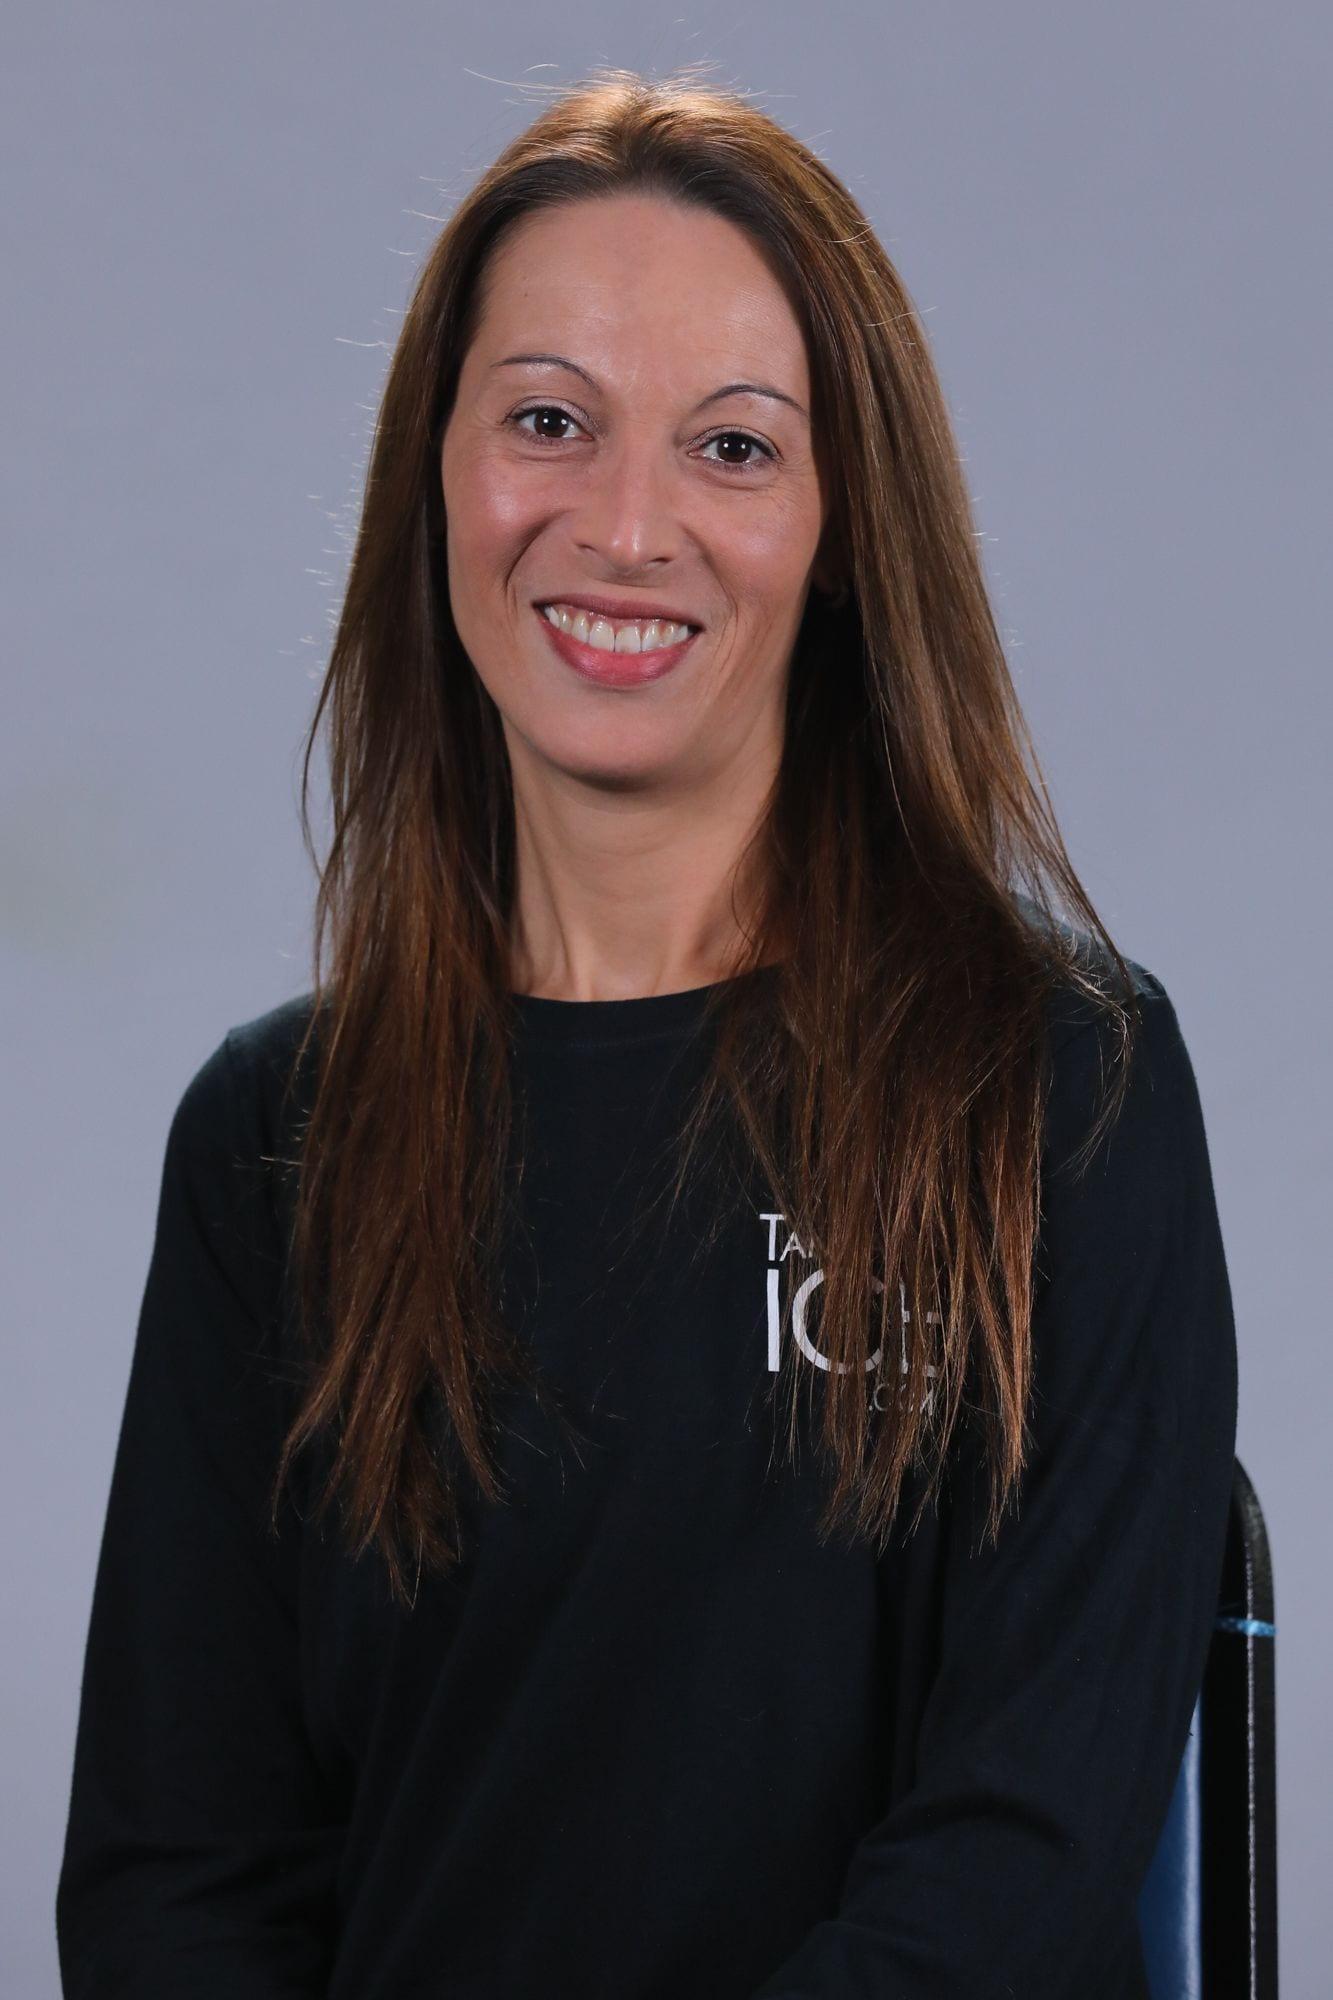 Vanessa Valle